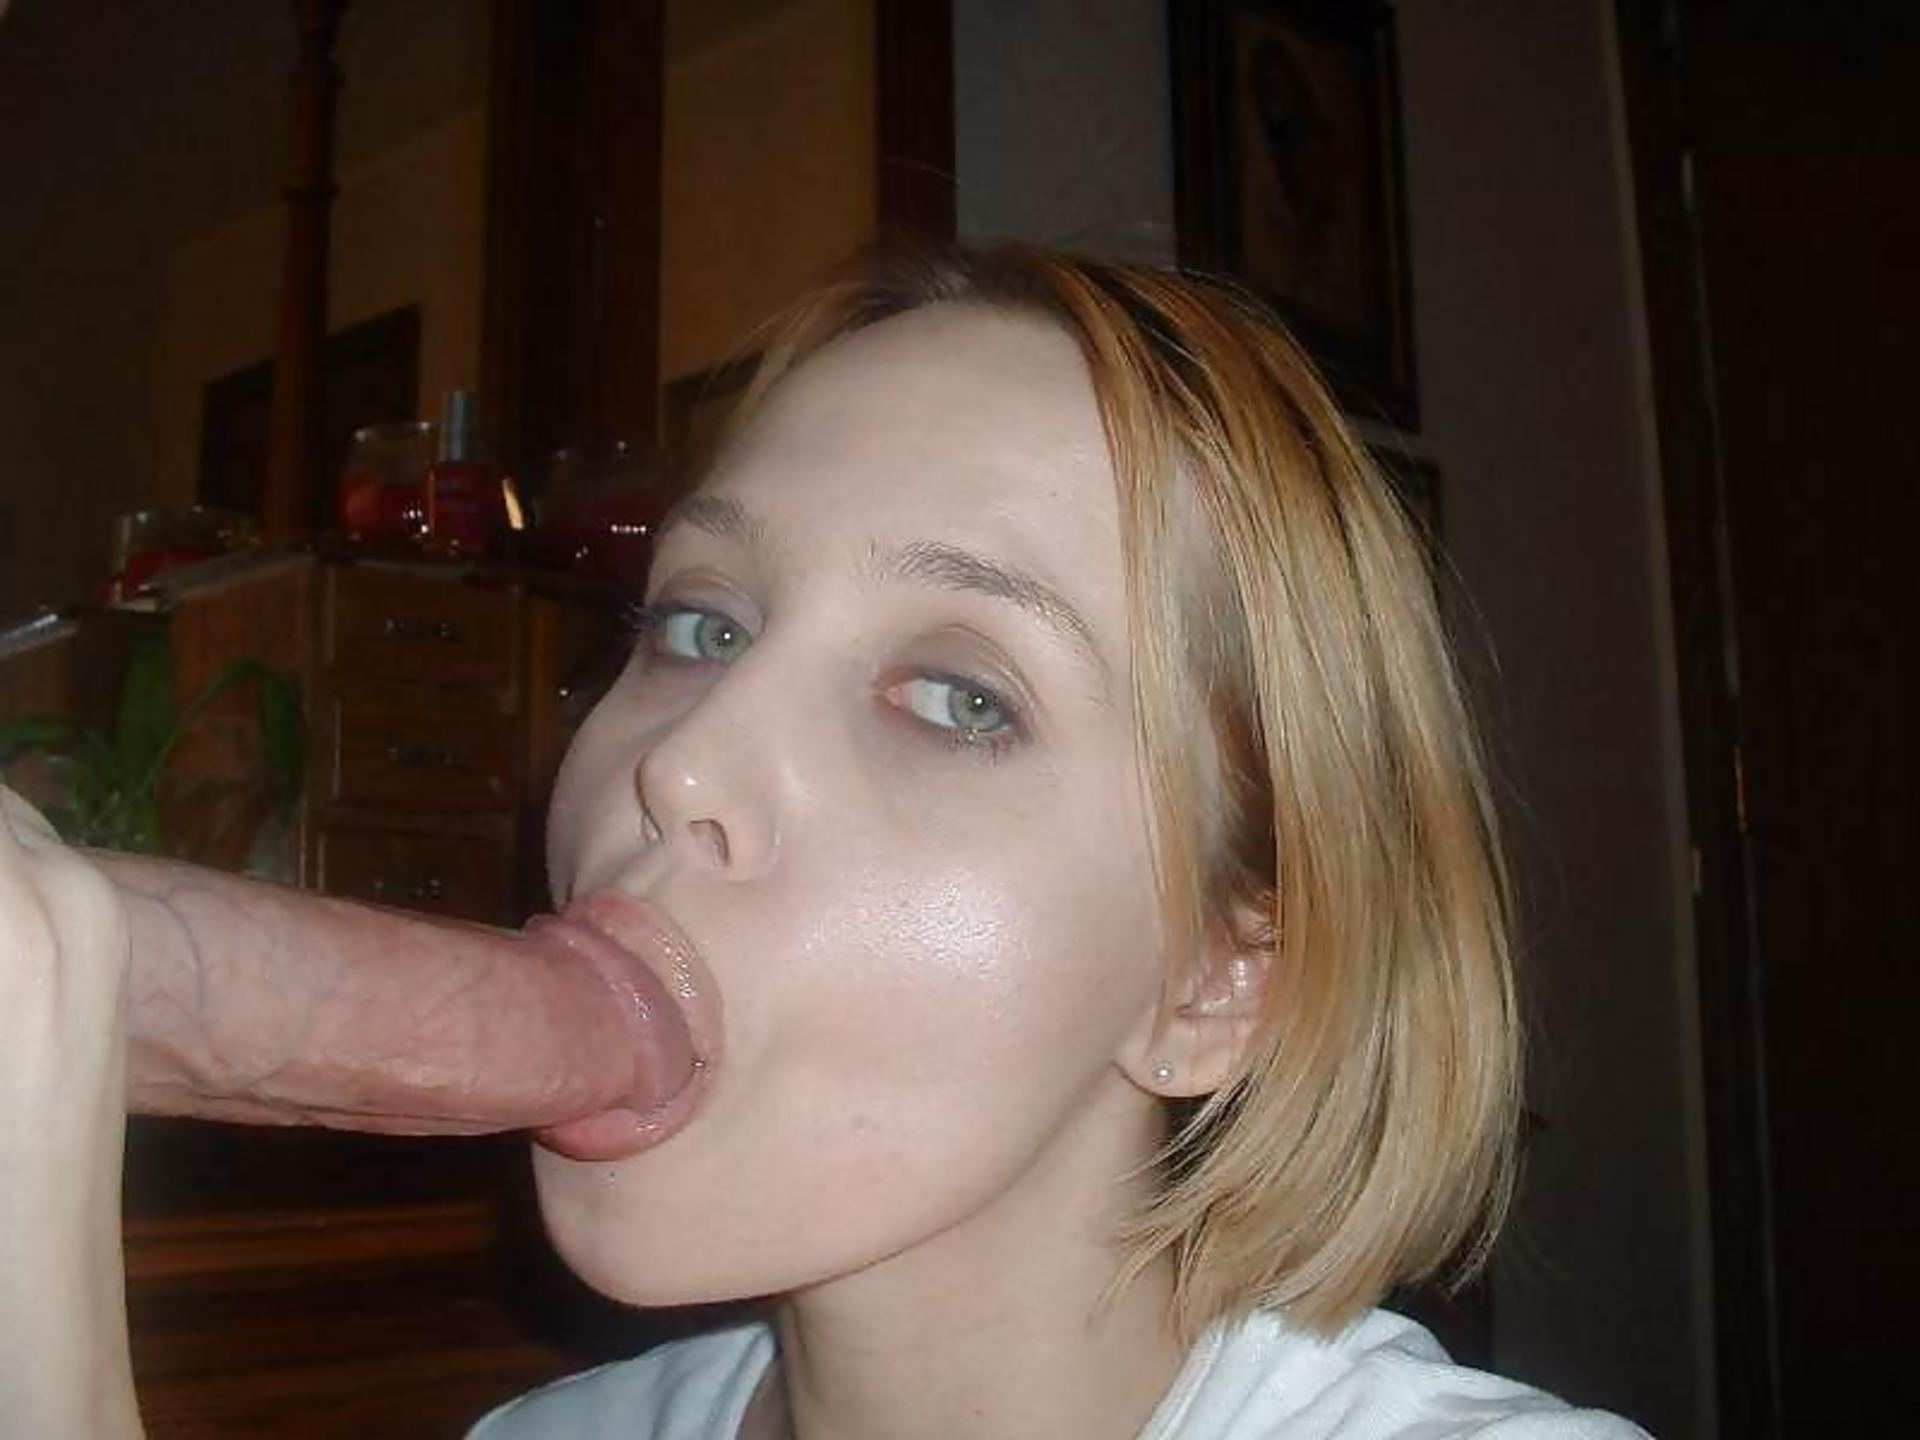 Фото девушек с членом в роте, Домашние девочки берут в рот (50 фото) 11 фотография